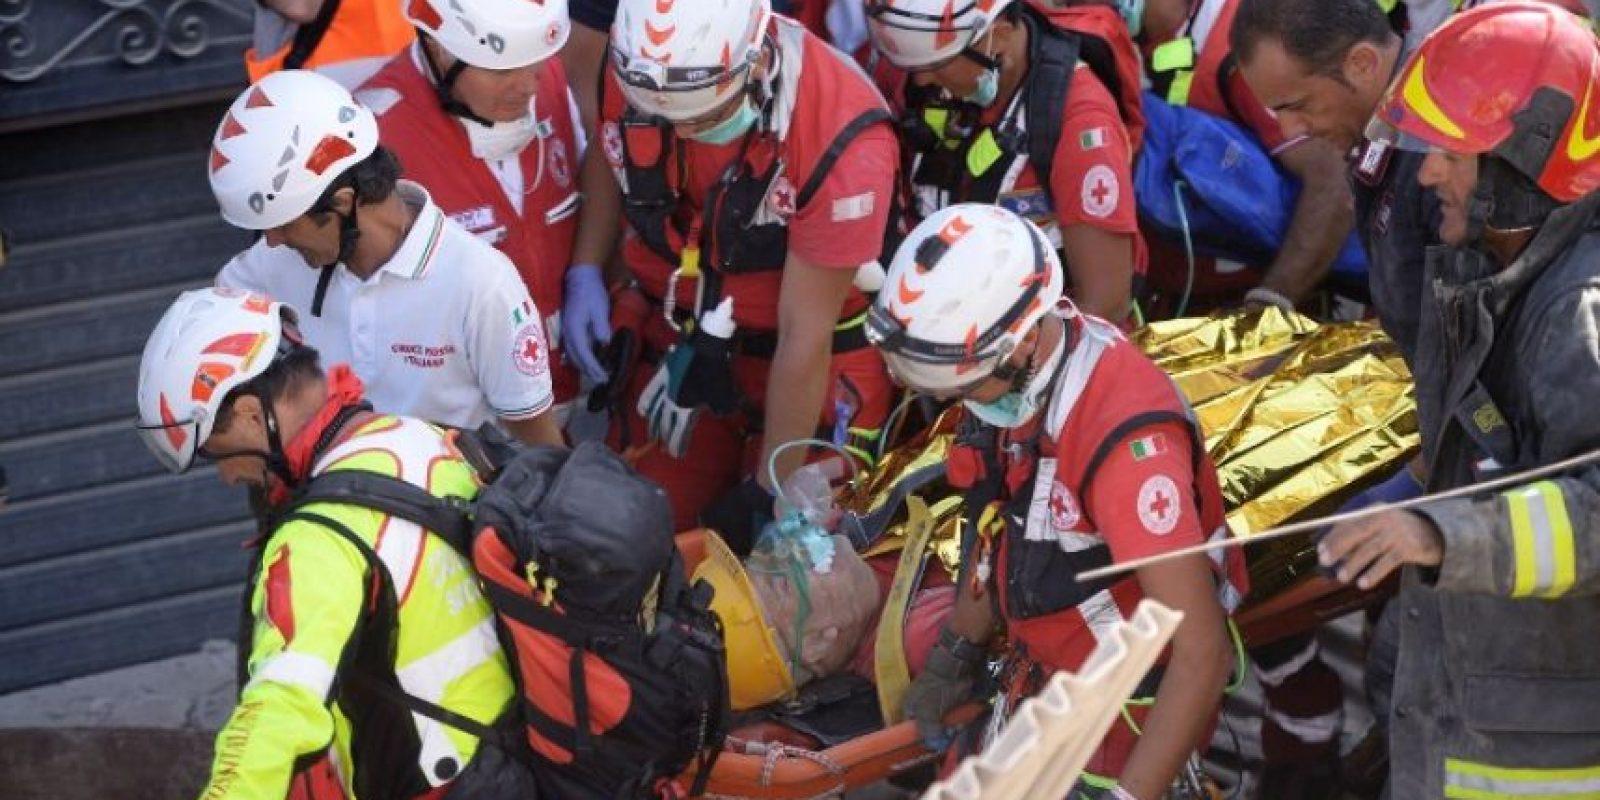 Mientras tanto, continúan las labores de rescate Foto: AFP